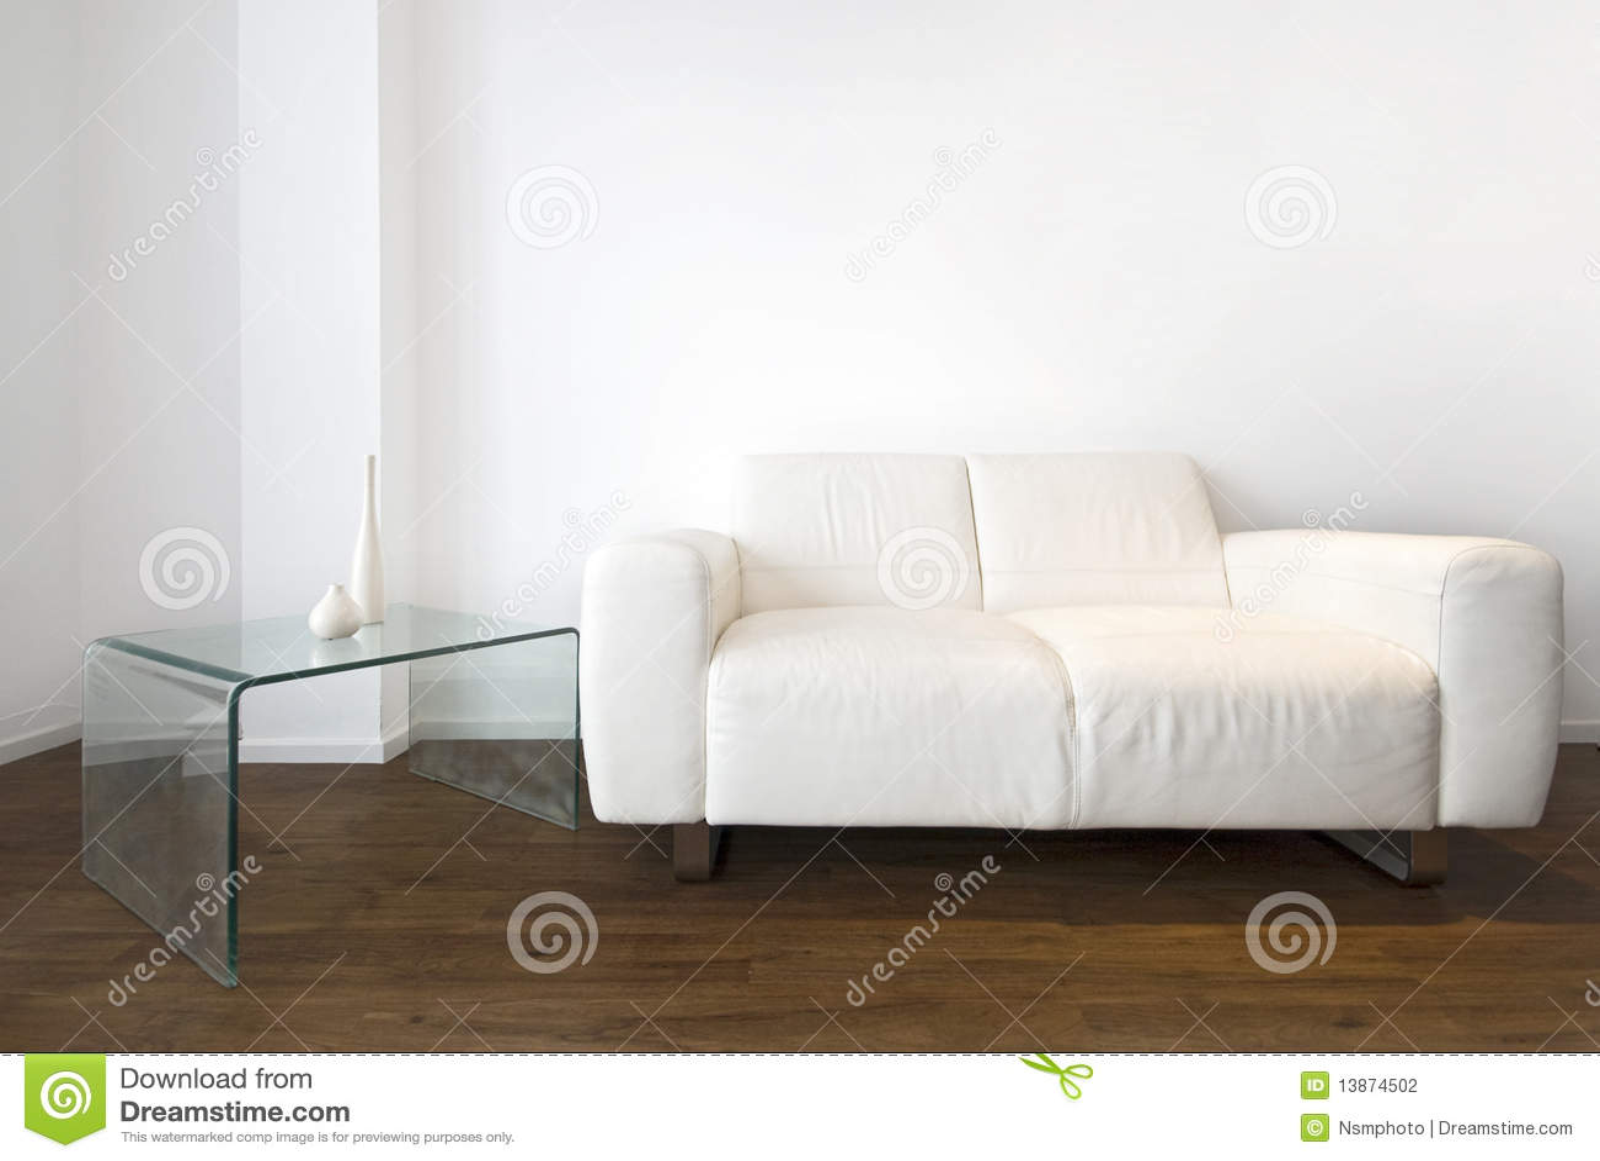 Detalle de la sala de estar con un sofá del cuero blanco